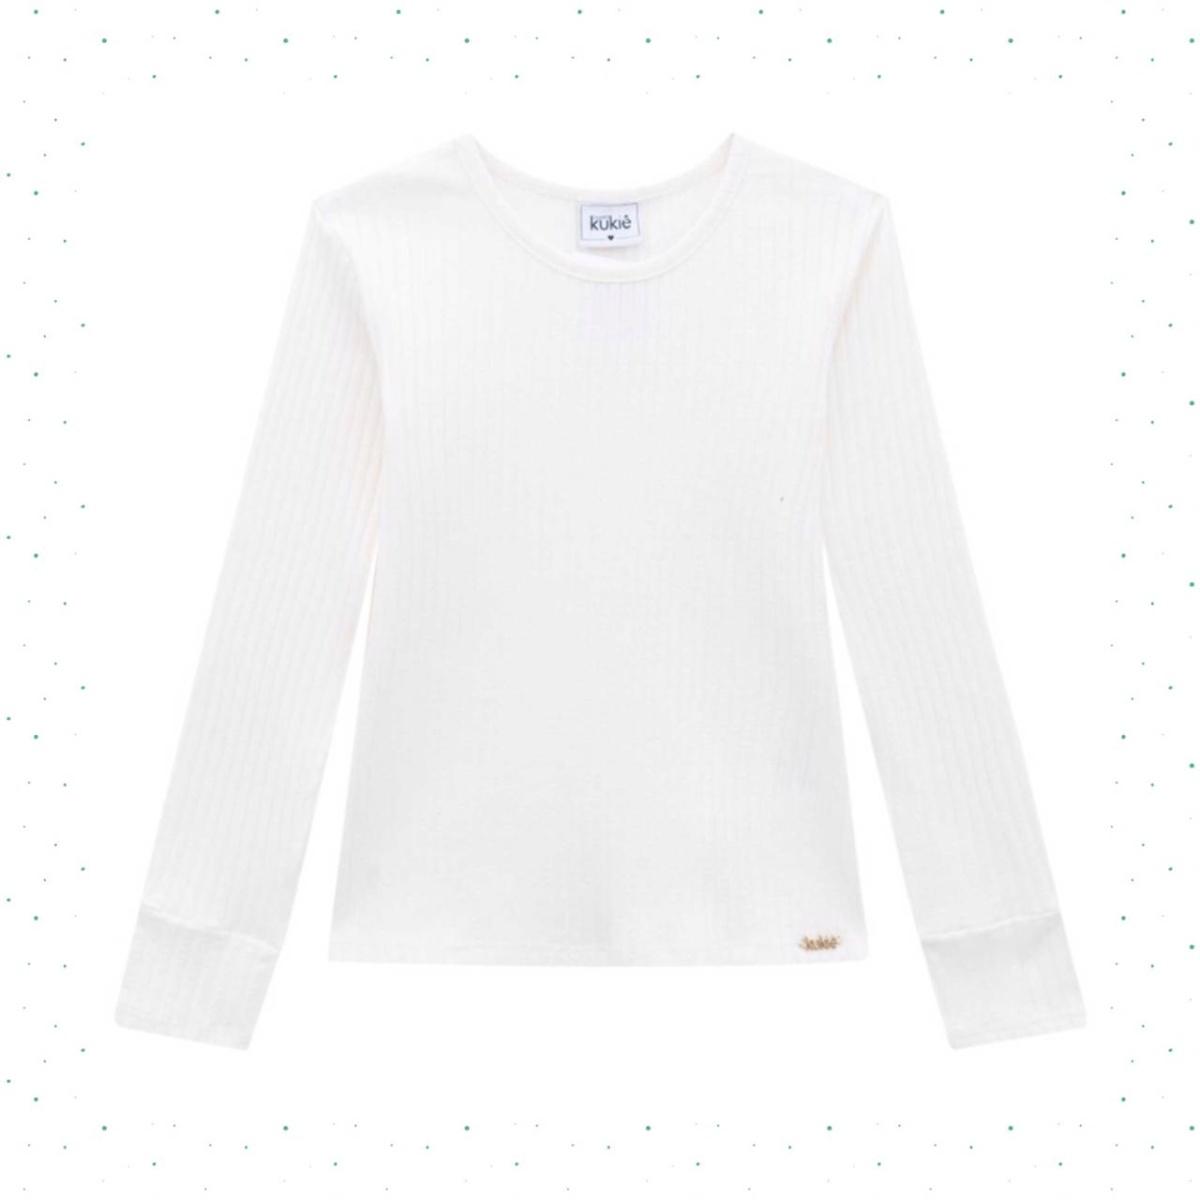 Blusa Infantil Feminina Kukiê em Algodão Canelado cor Branca